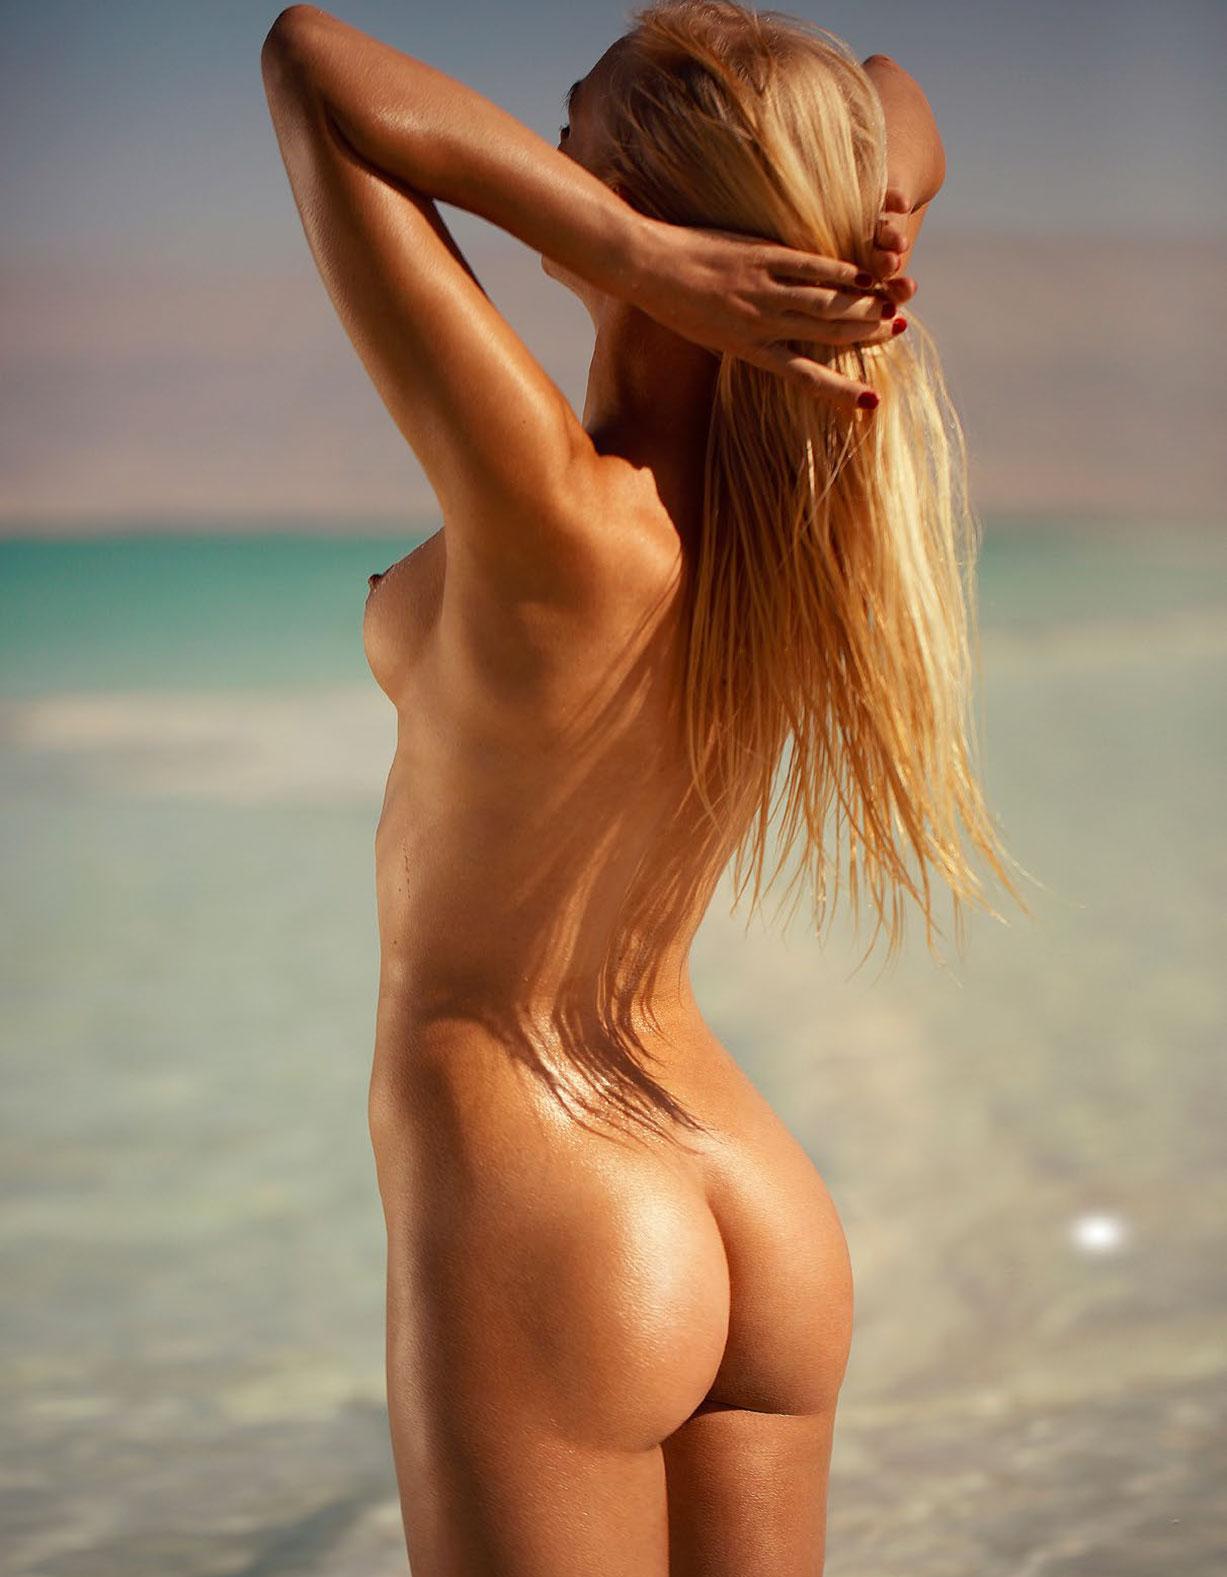 Даша Снежная в спецвыпуске журнала Playboy -Девушки летом- / фото 08